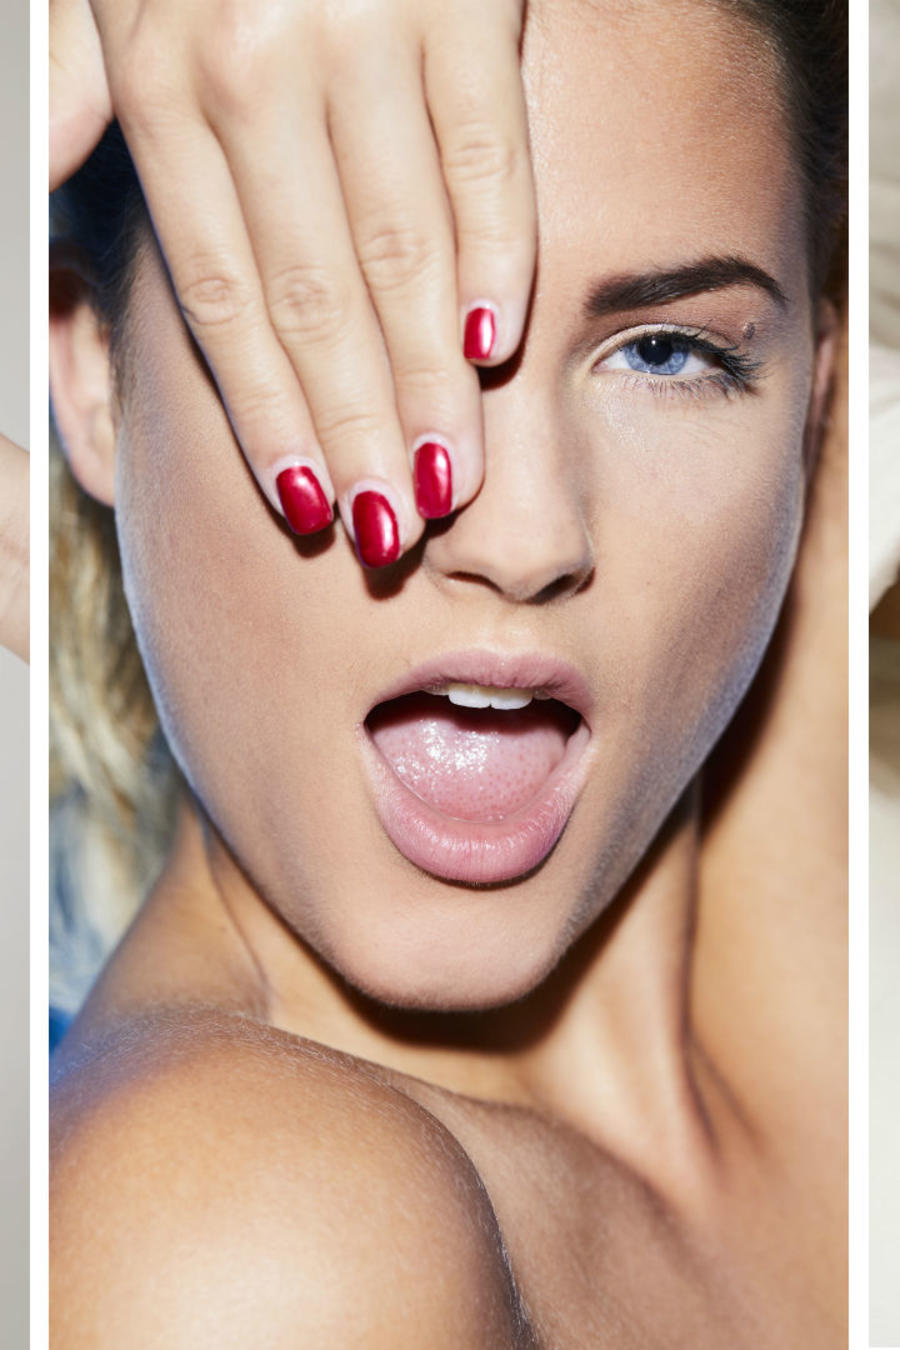 Manos mostrando sus uñas